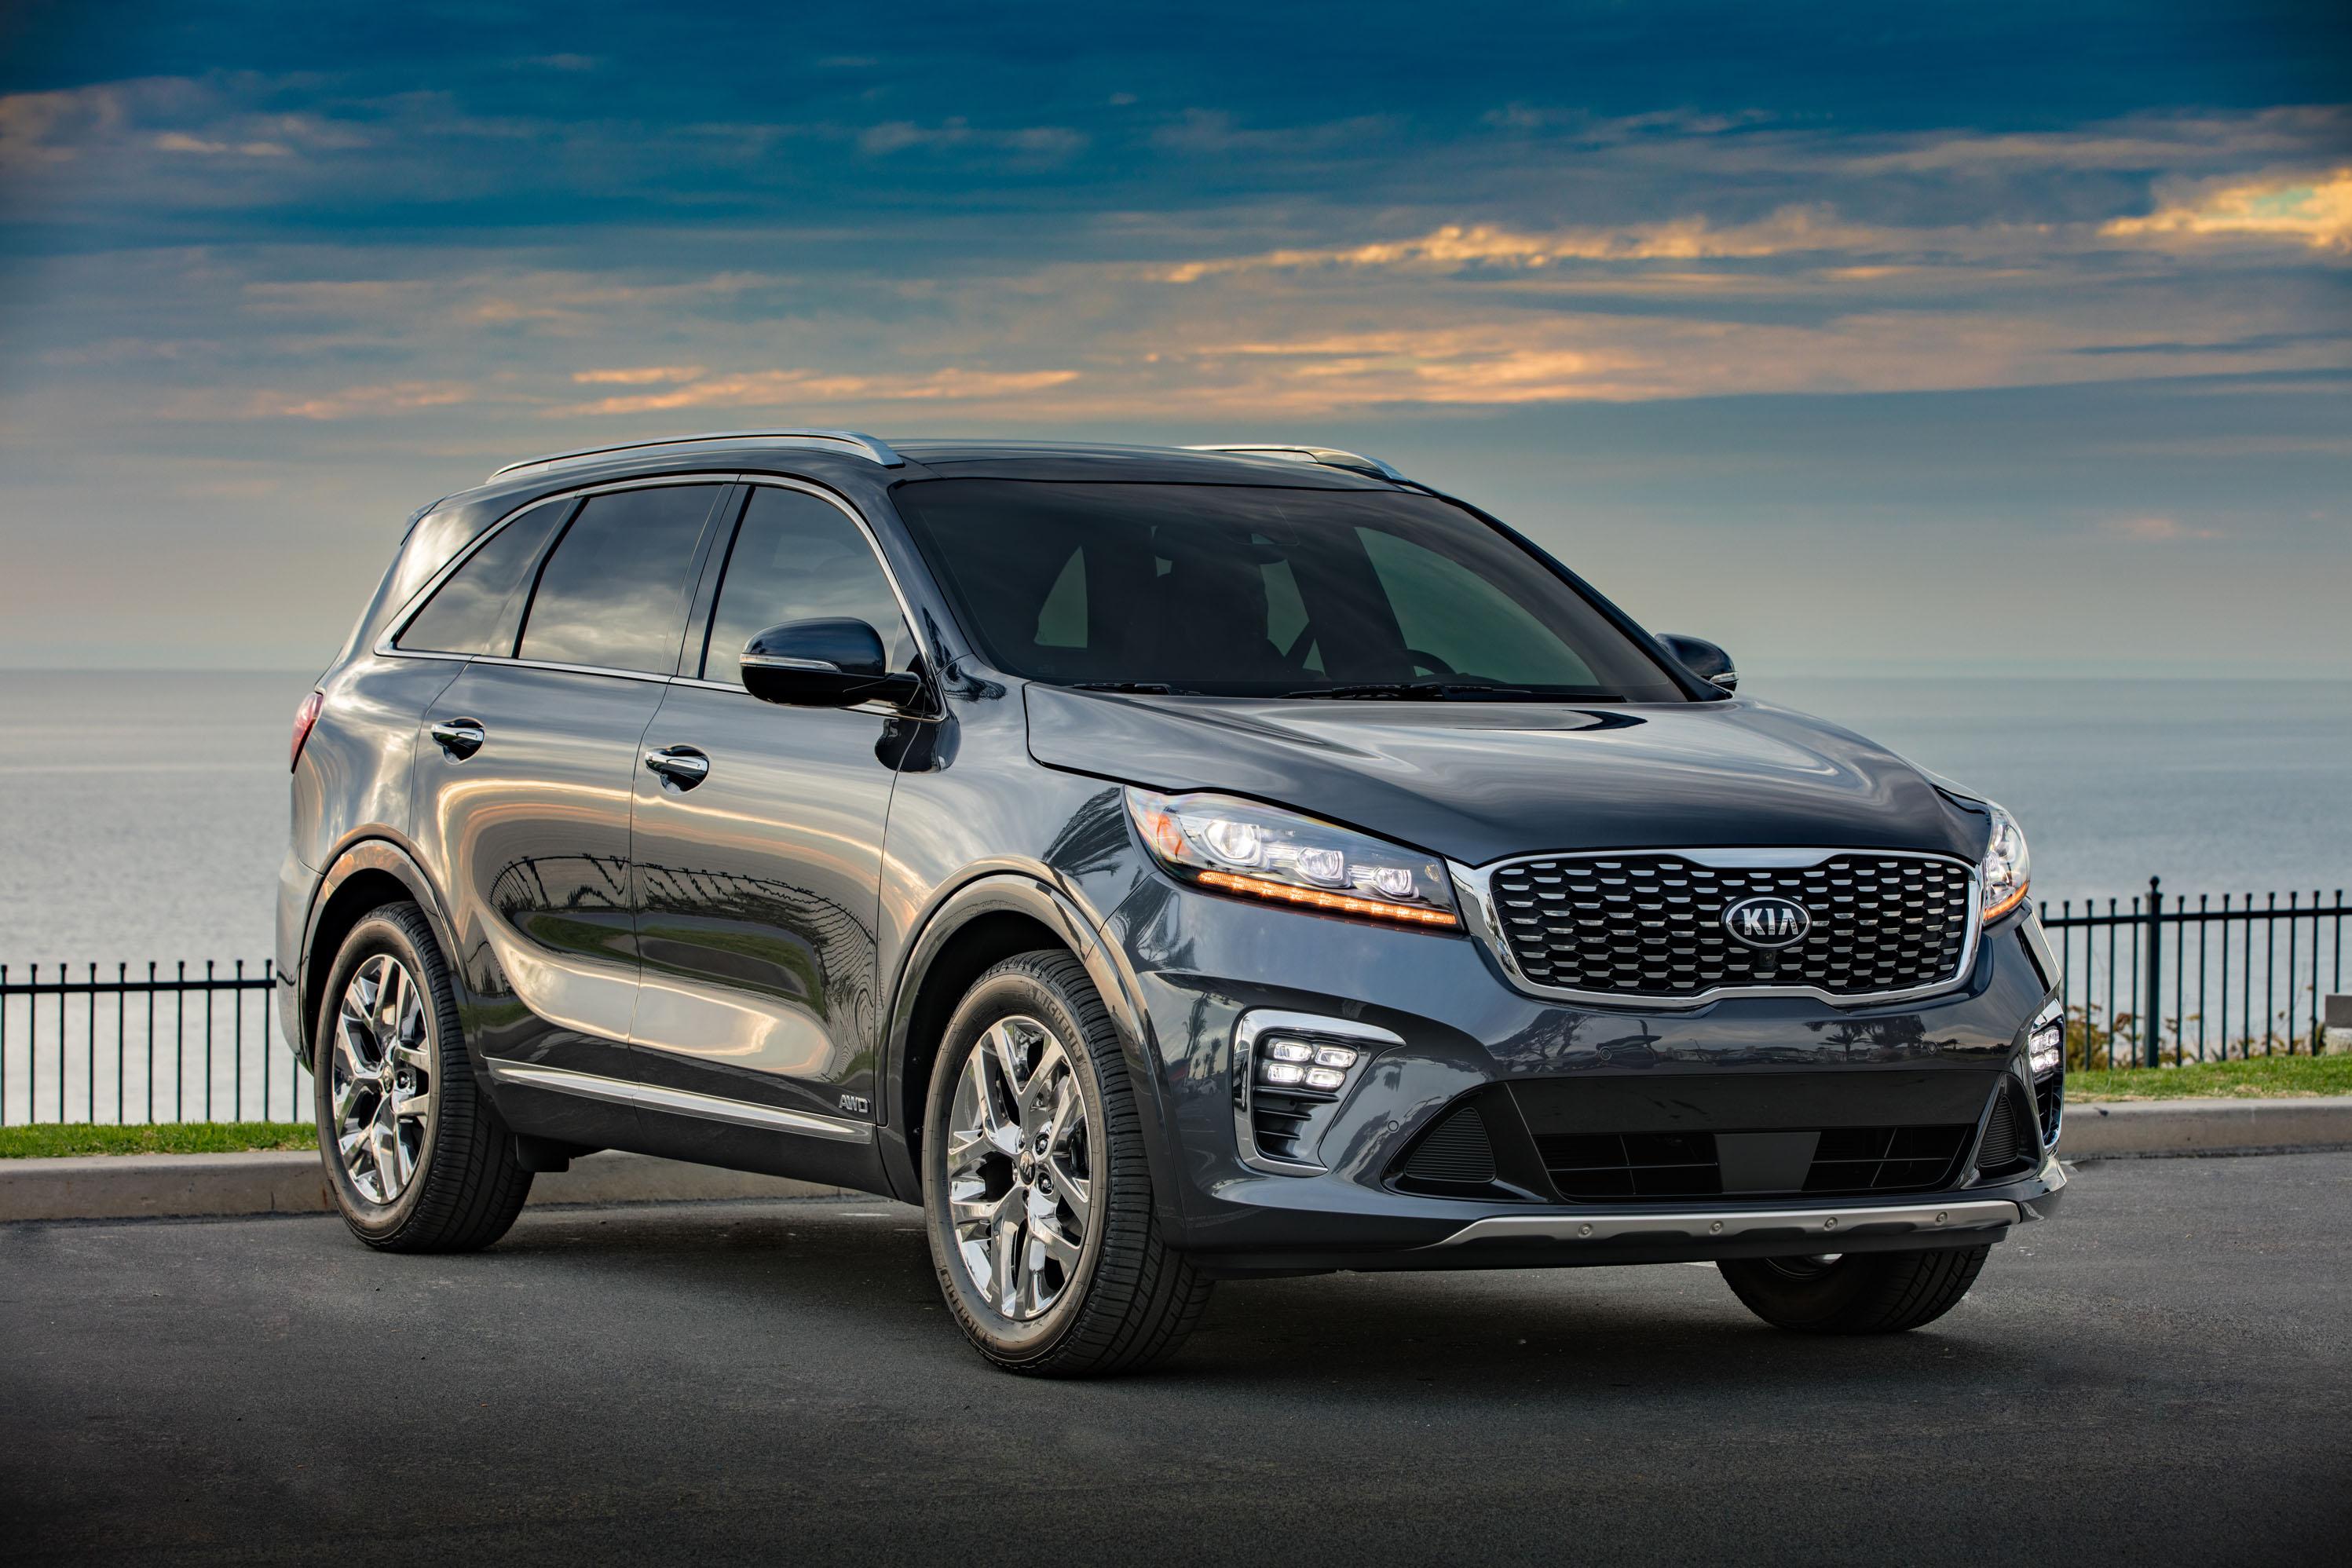 2019 Kia Sorento Review Ratings Specs Prices And Photos